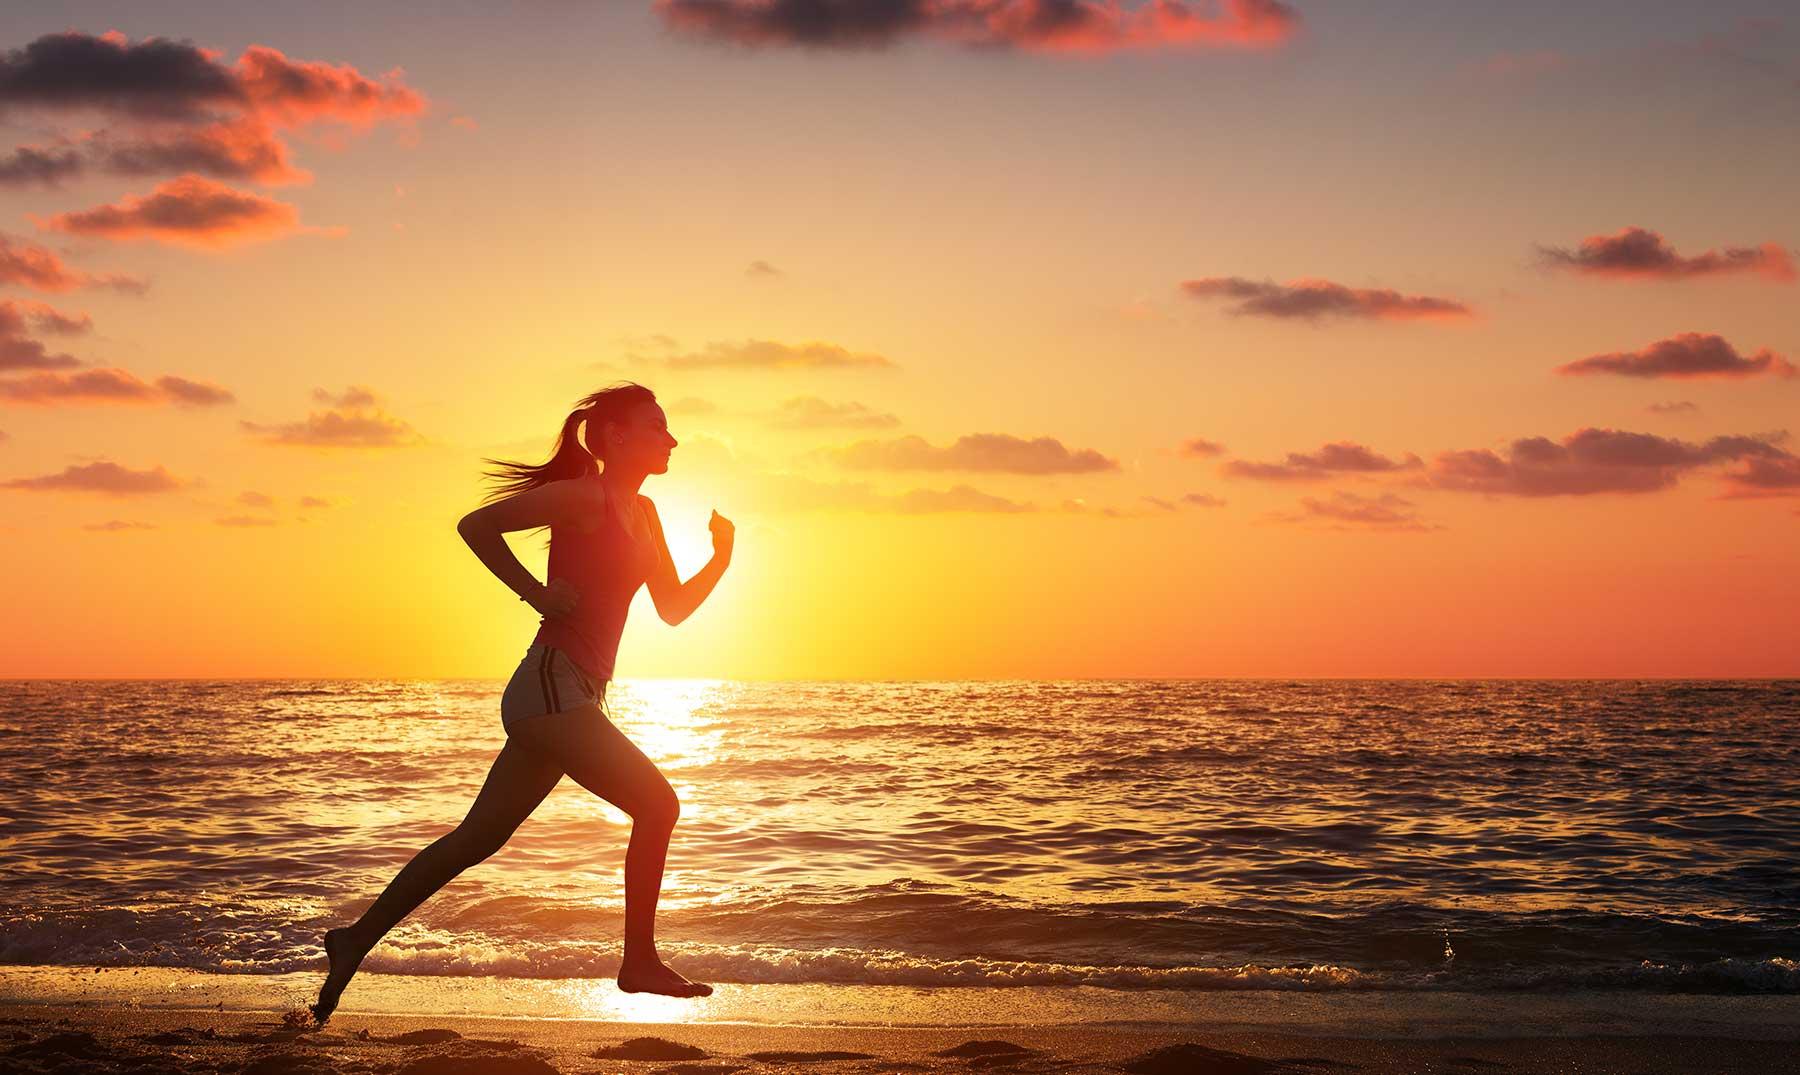 100 Frases De Correr El Deporte Que Está De Moda Con Imágenes